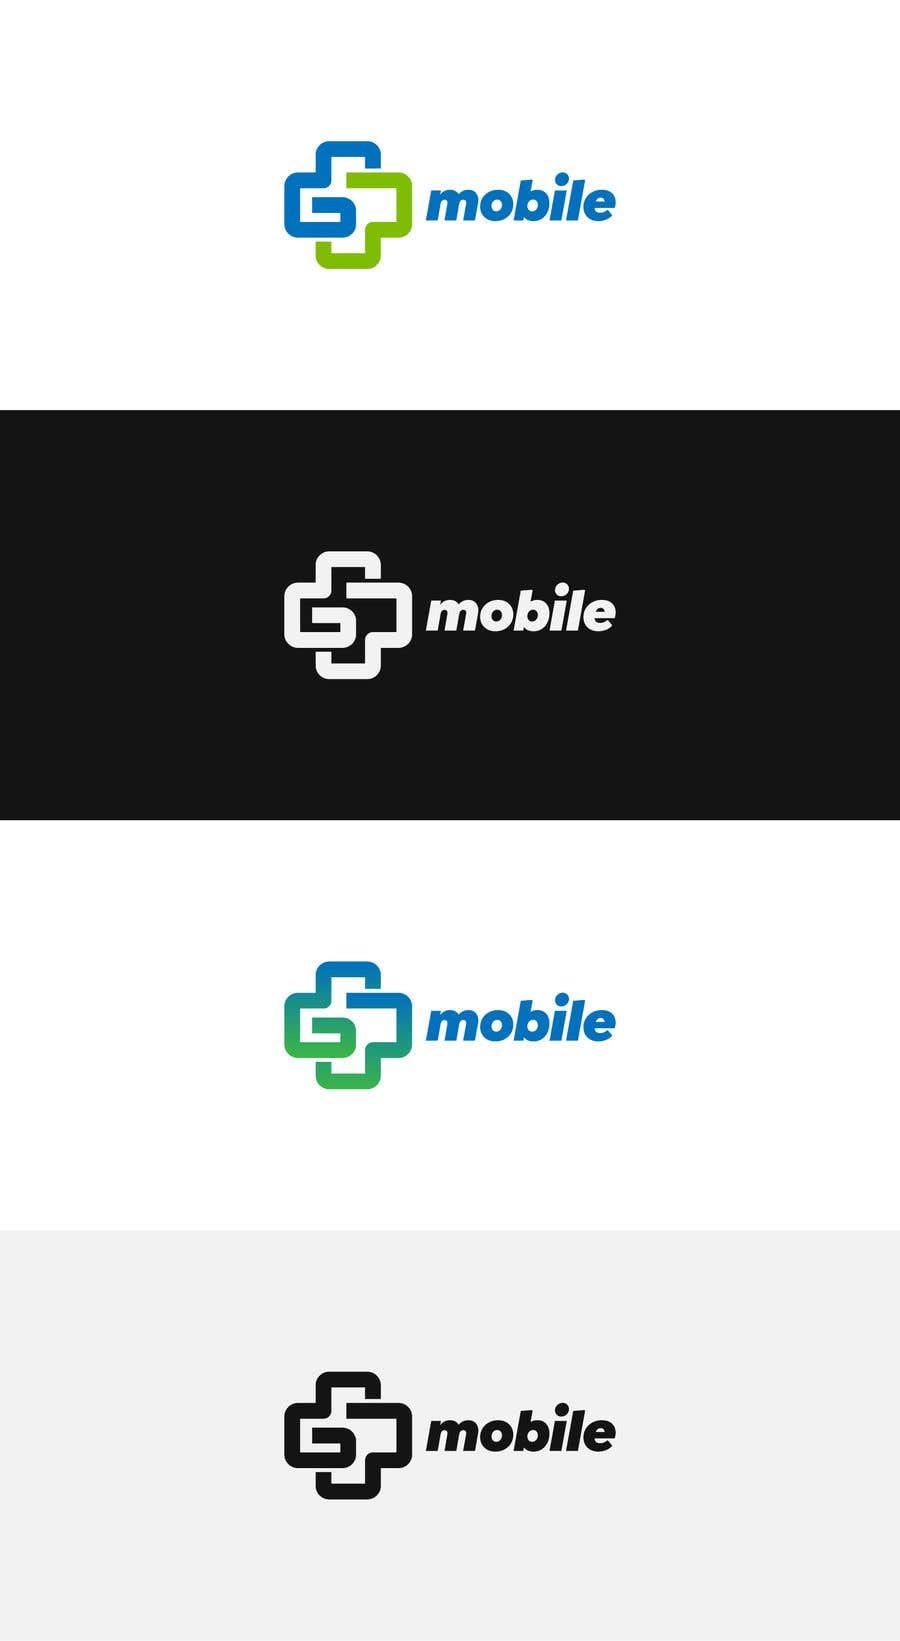 Penyertaan Peraduan #96 untuk Design a logo for MOBILE GP